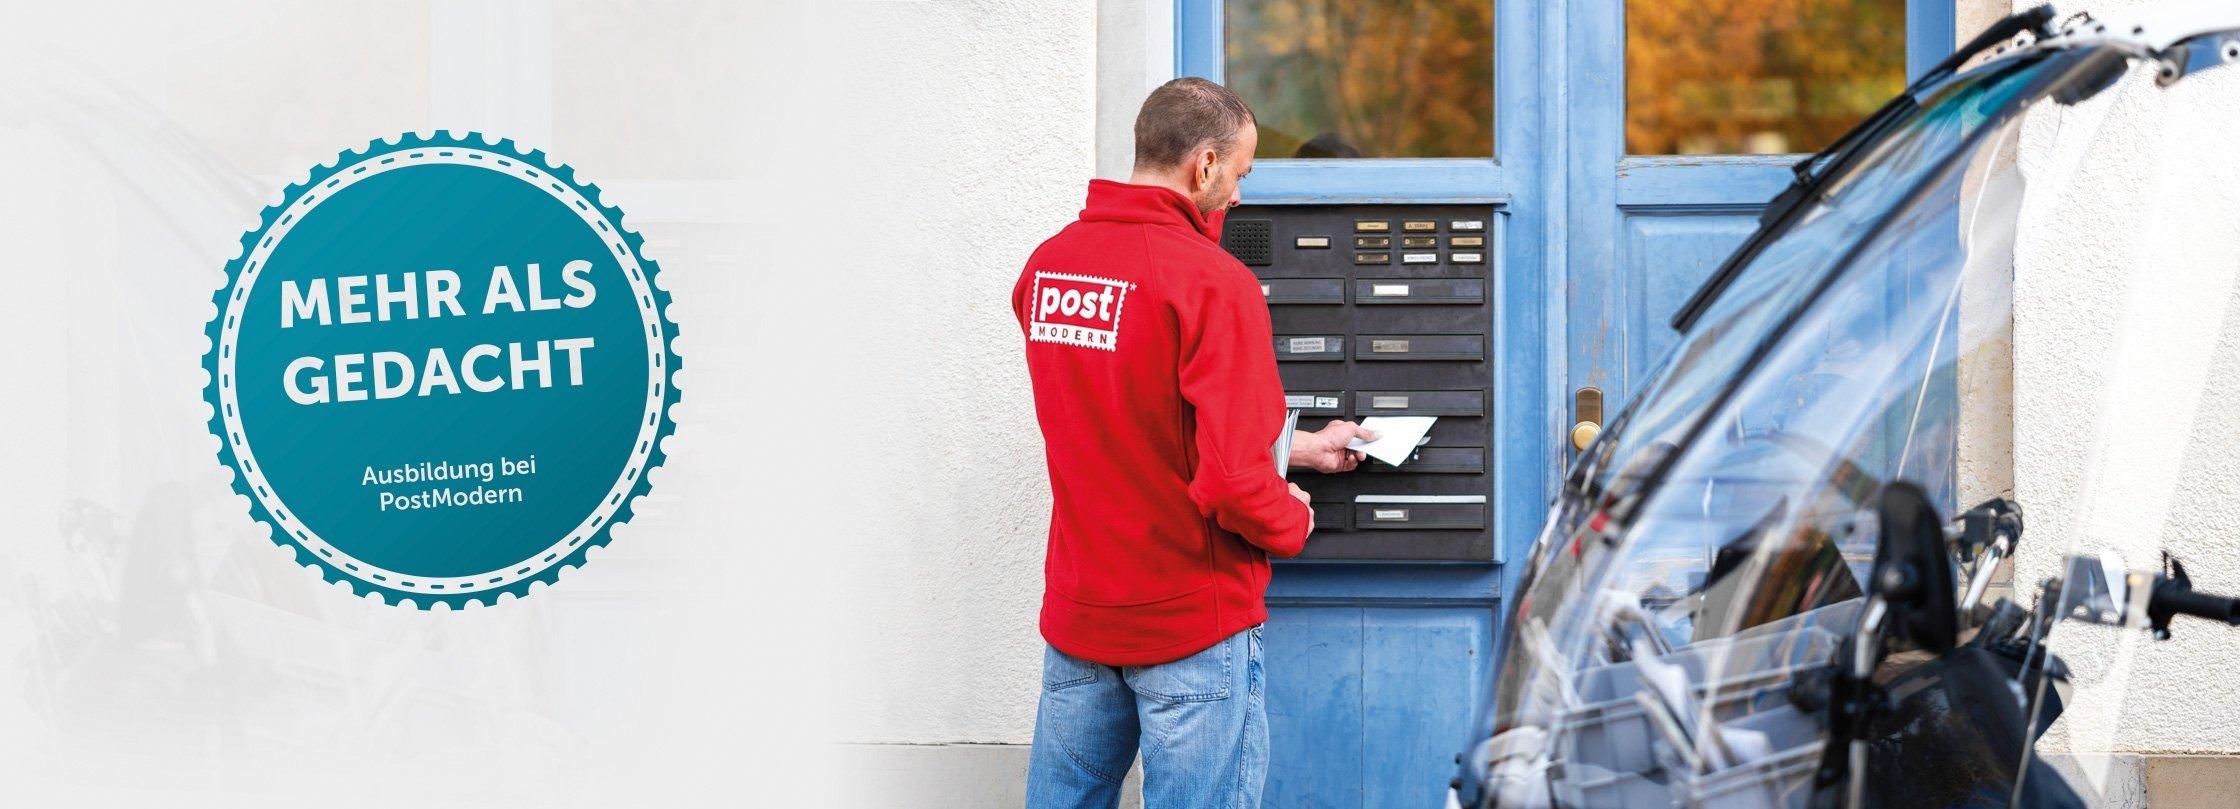 Ausbildung zur Fachkraft für Postdienstleistungen